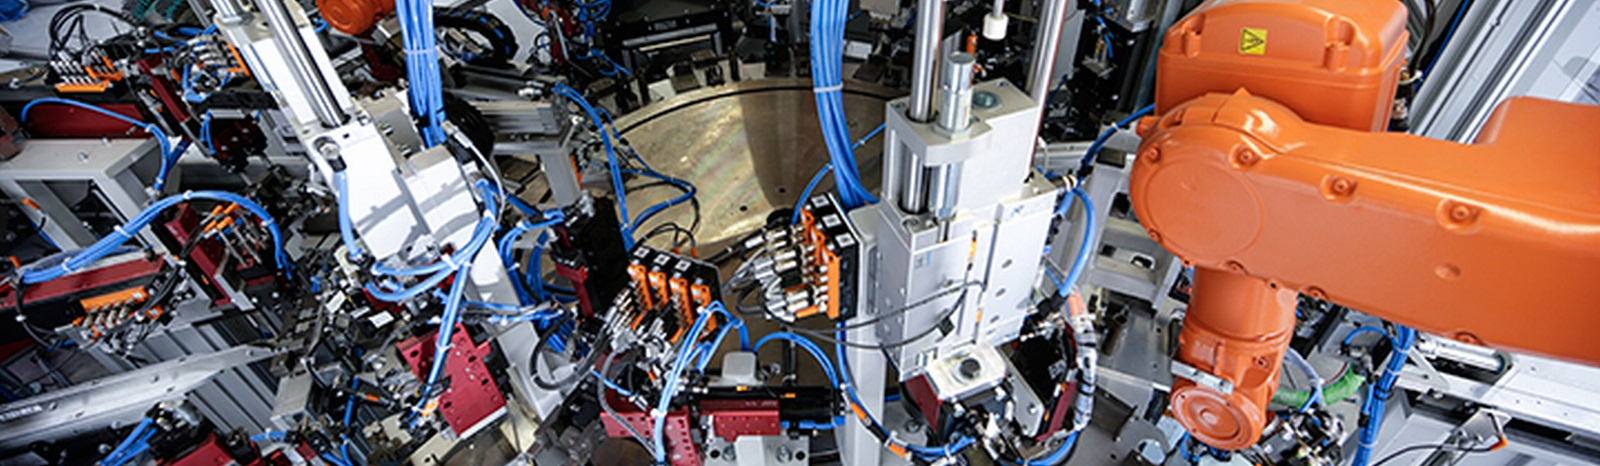 Výroba jednoúčelových strojů průmyslové automatizace